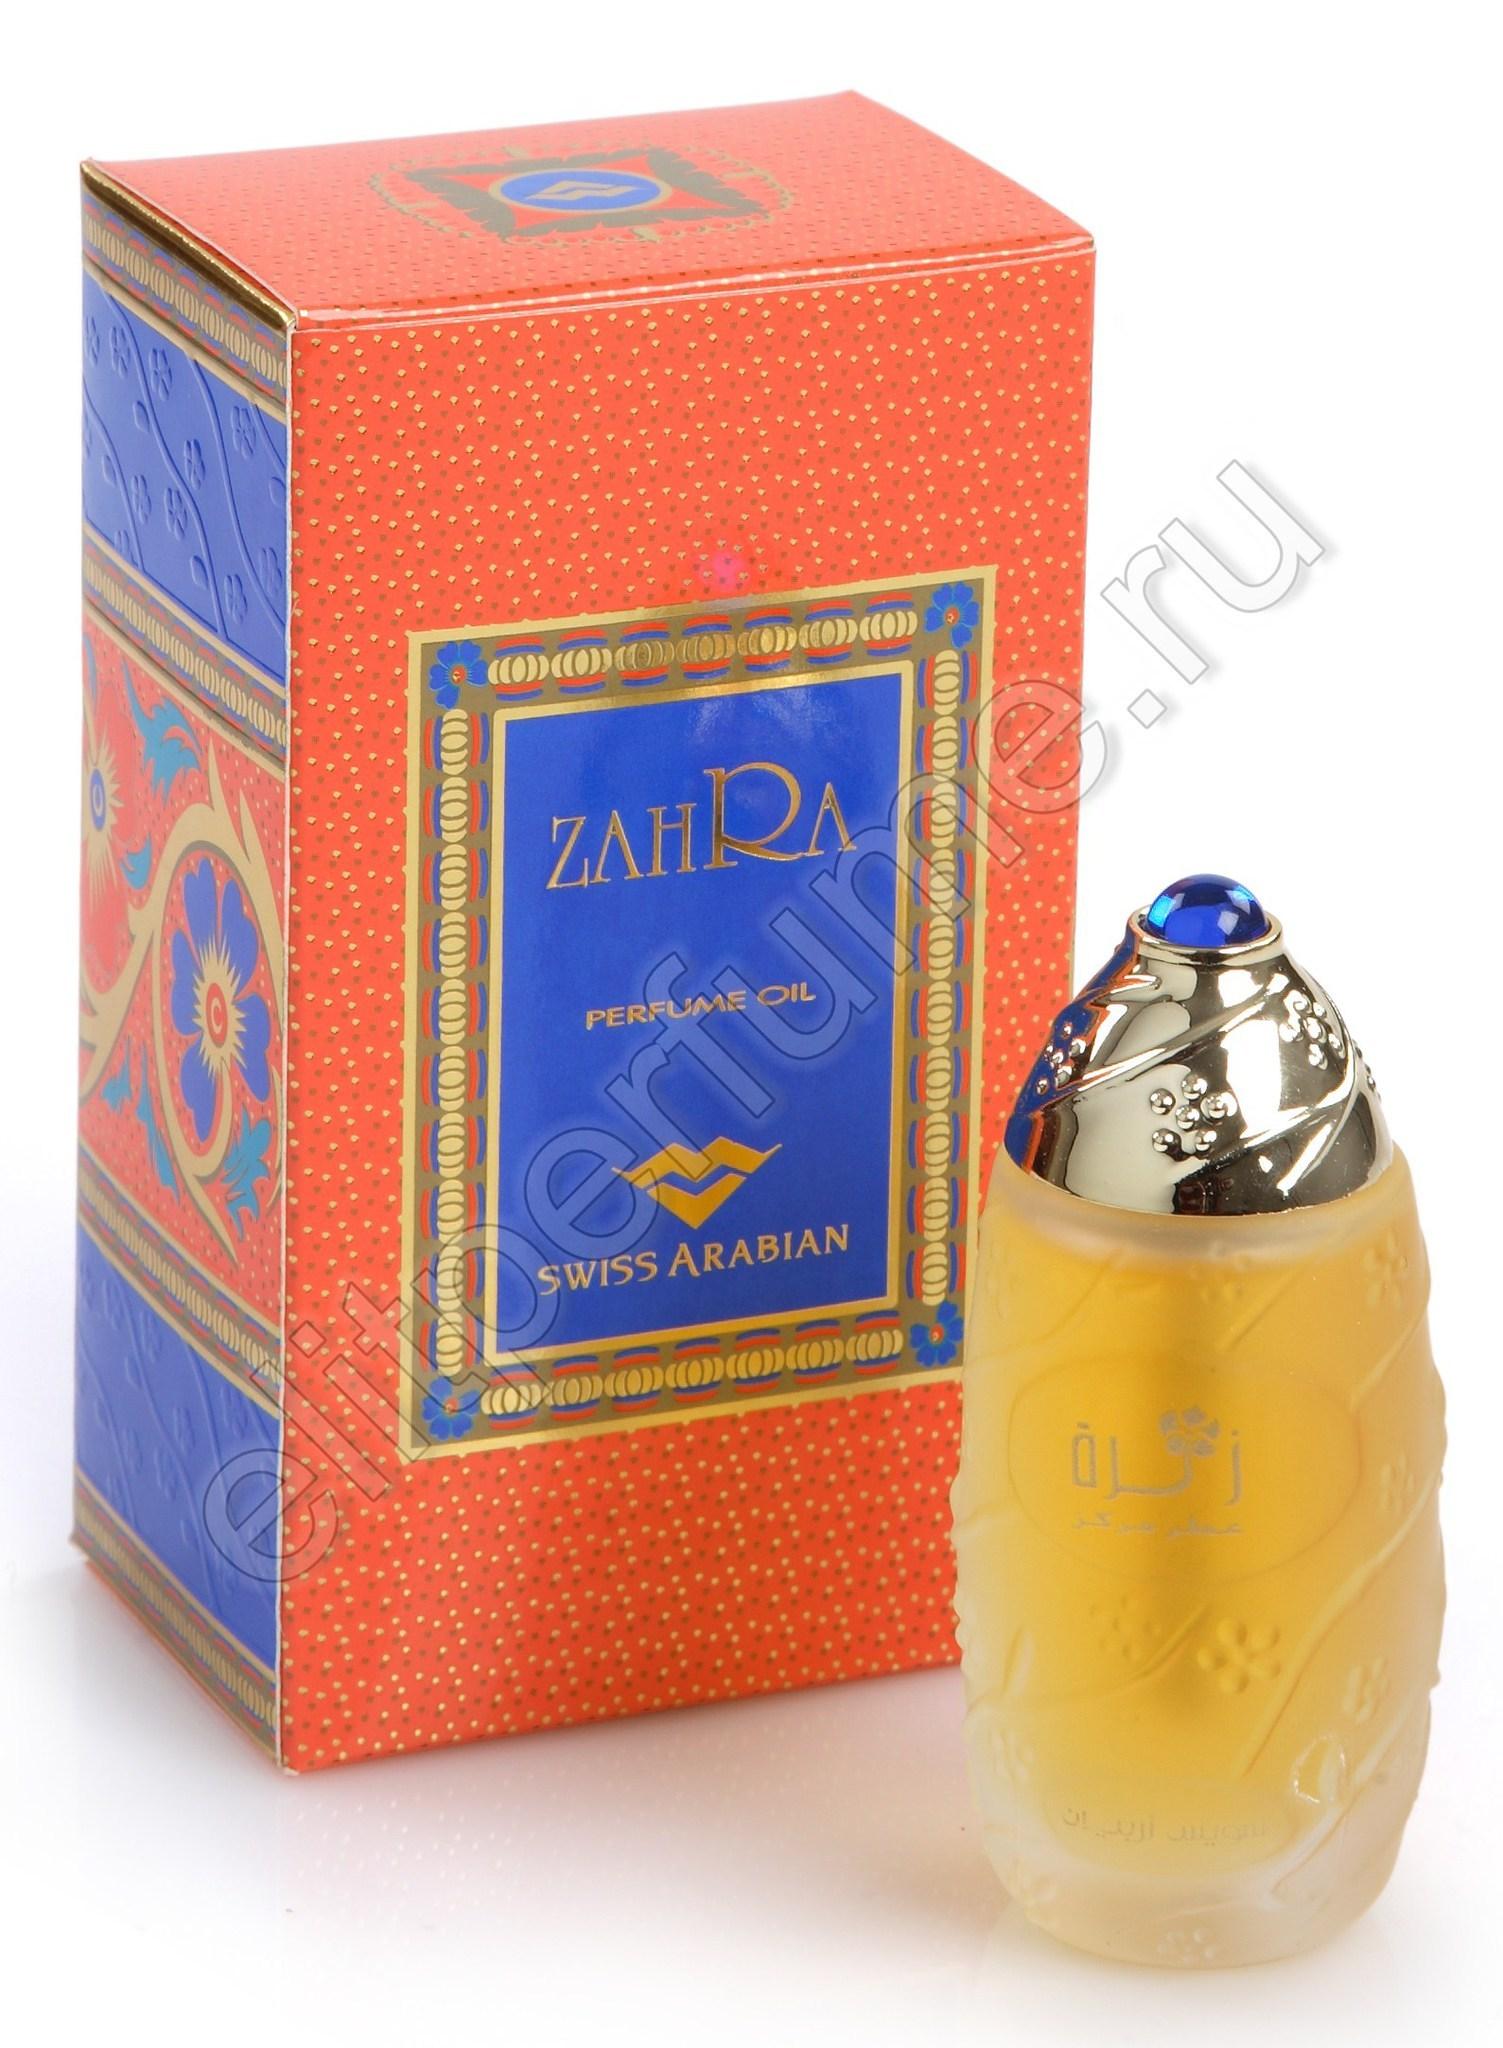 Пробник для арабских духов Захра Zahra масло 1 мл арабские масляные духи от Свисс Арабиан Swiss Arabian